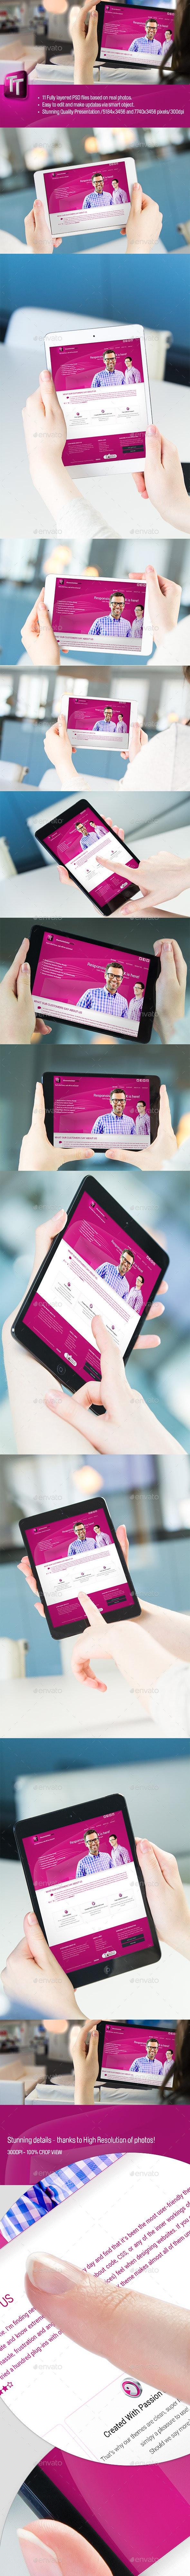 Tablet / Pad Mock-Ups Set - Mobile Displays